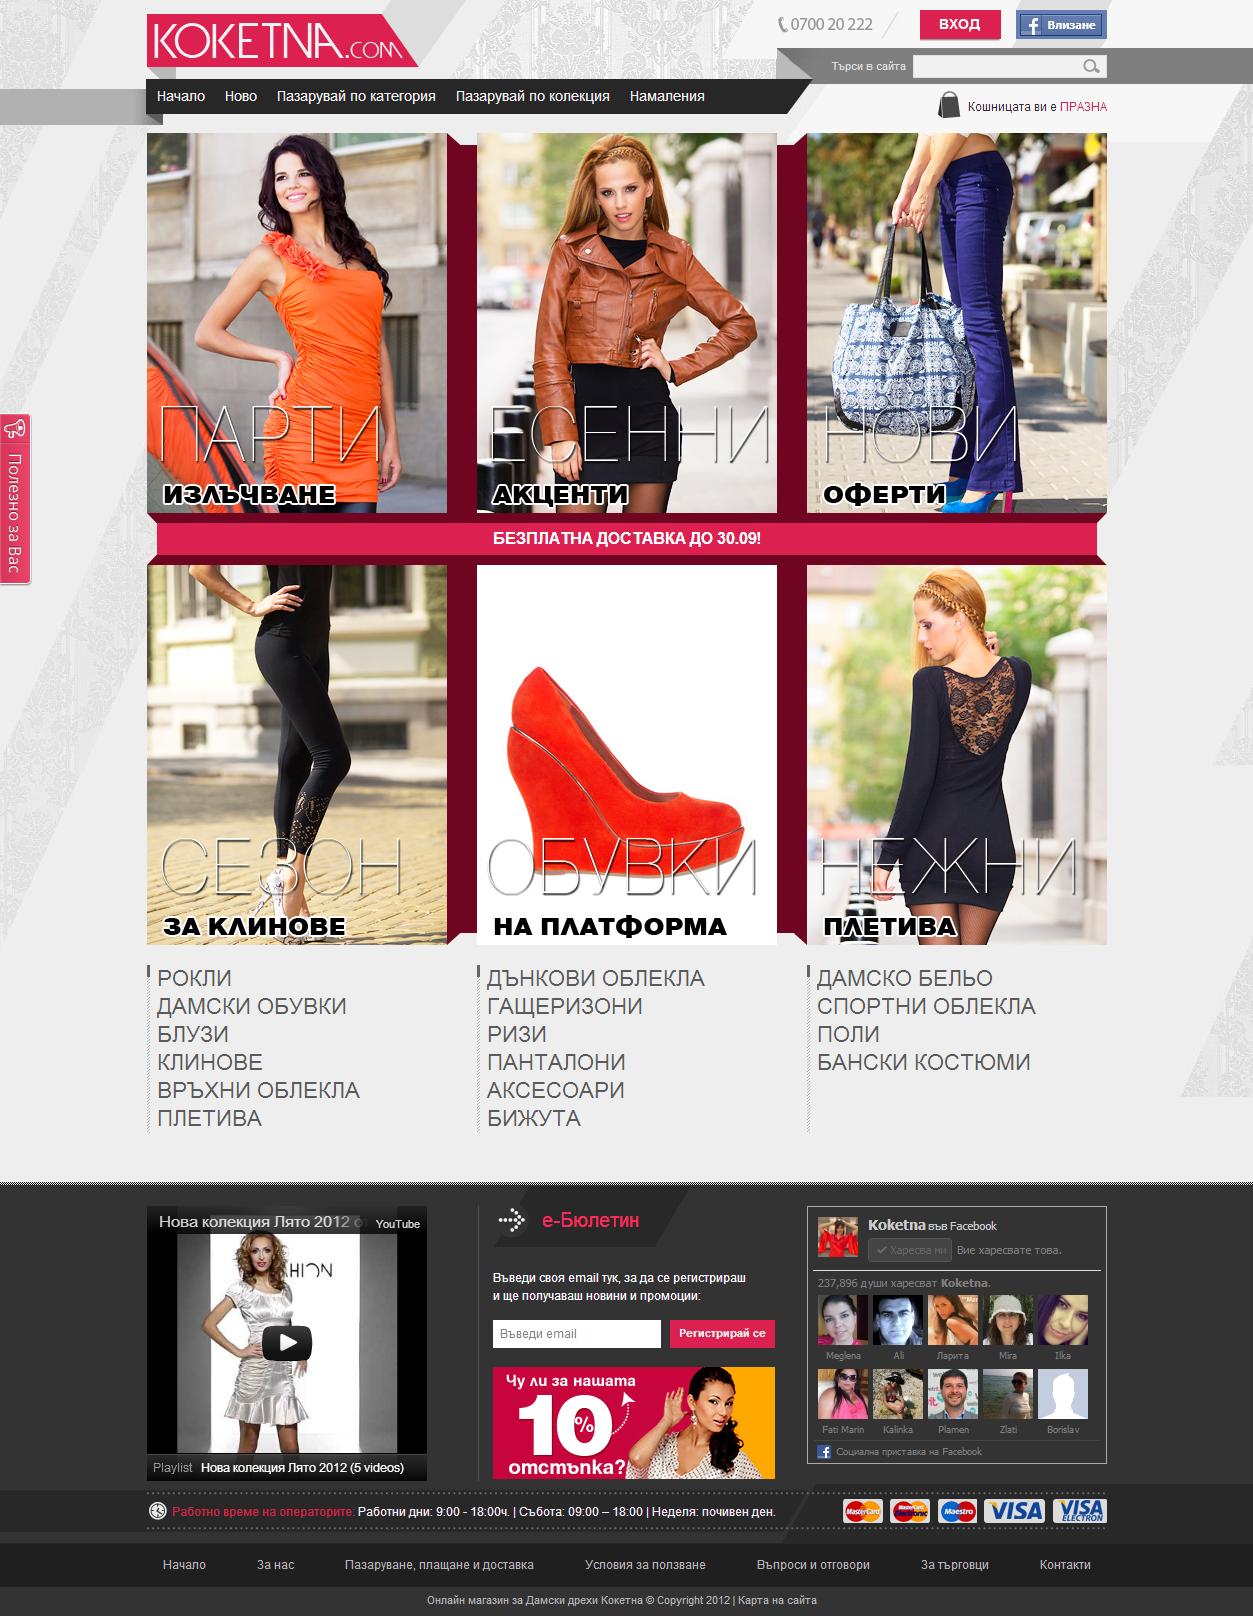 66611b1b49d Онлайн магазин за Дамски дрехи - Кокетна (www.koketna.com). Електронен  магазин, разработен от Stenik (www.stenikgroup.com)